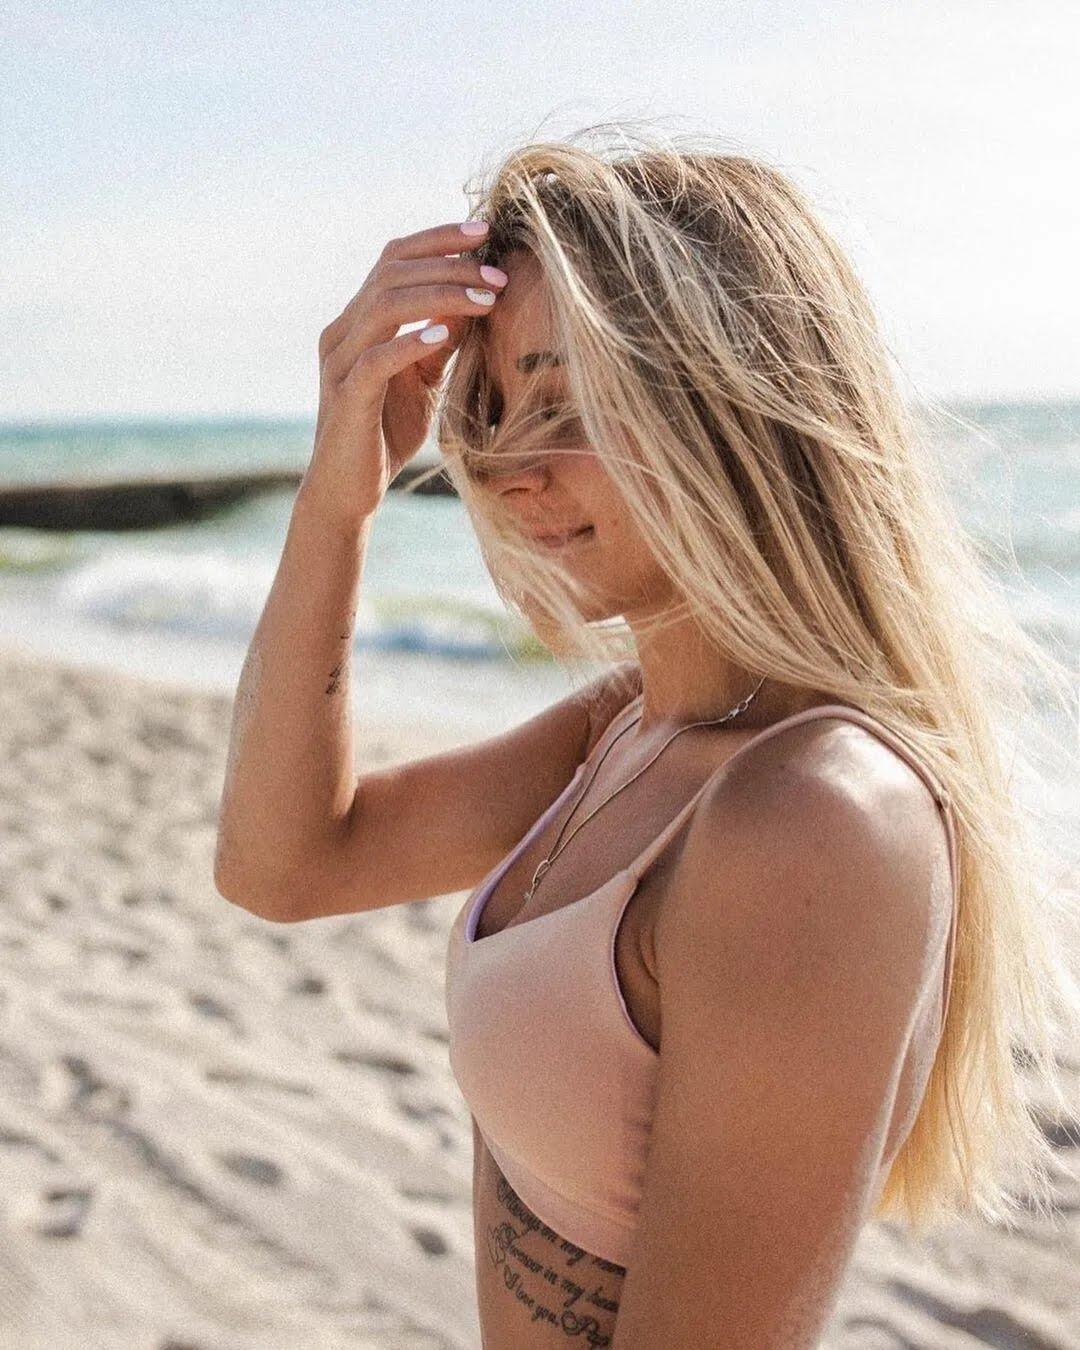 Анжеліка Терлюга взяла участь у спокусливій пляжній фотосесії